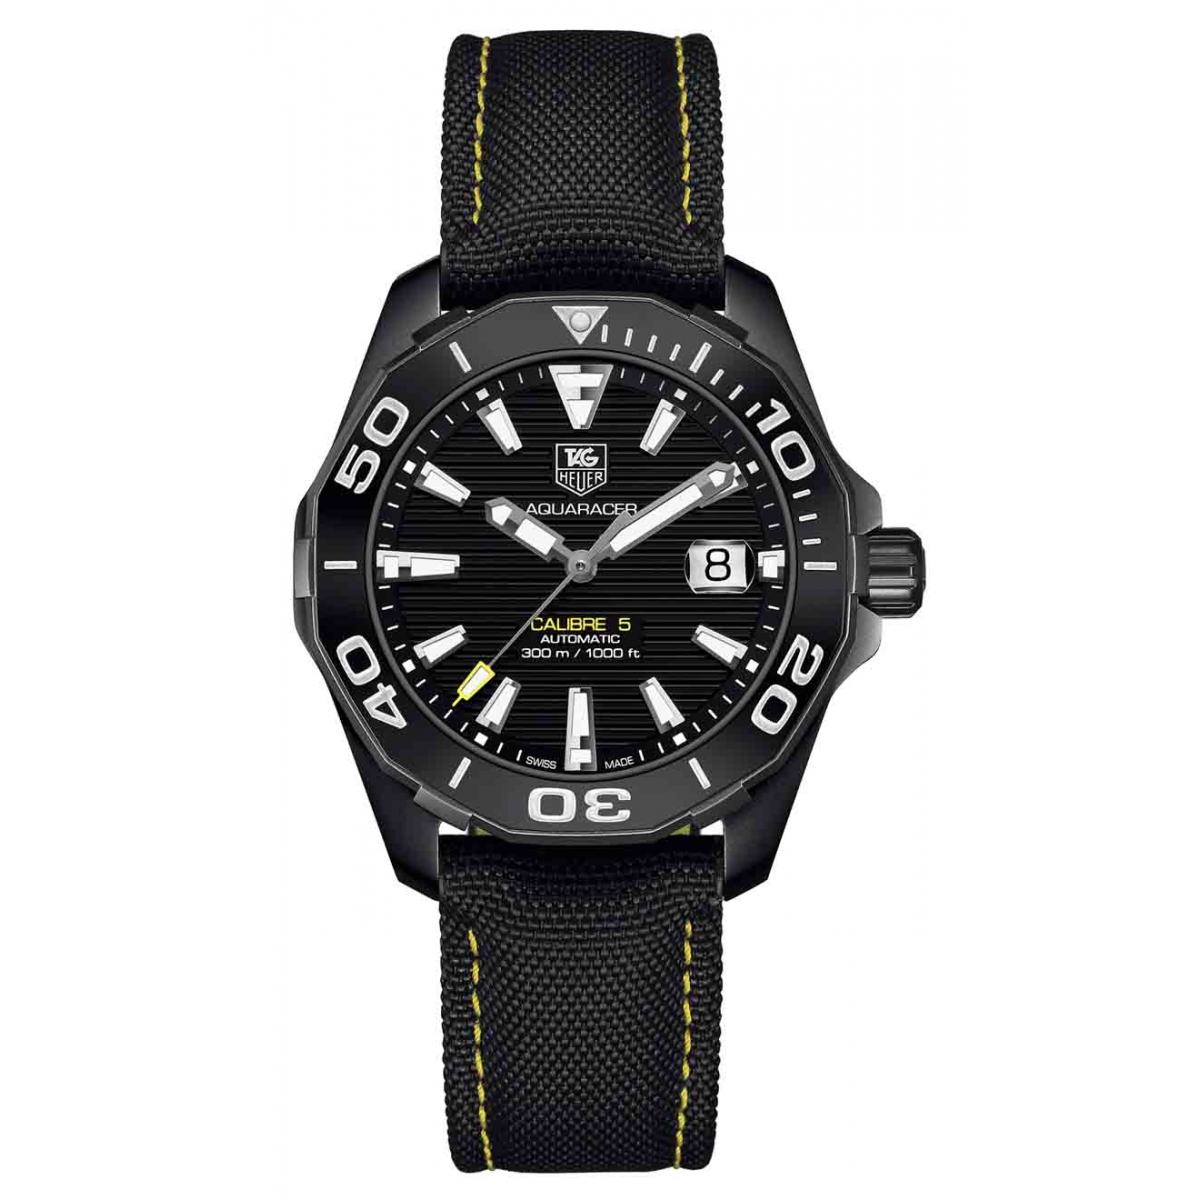 AQUARACER Calibre 5 Reloj automático 300 M - ∅41 mm, Esfera negra, Nailon negro Versión en negro